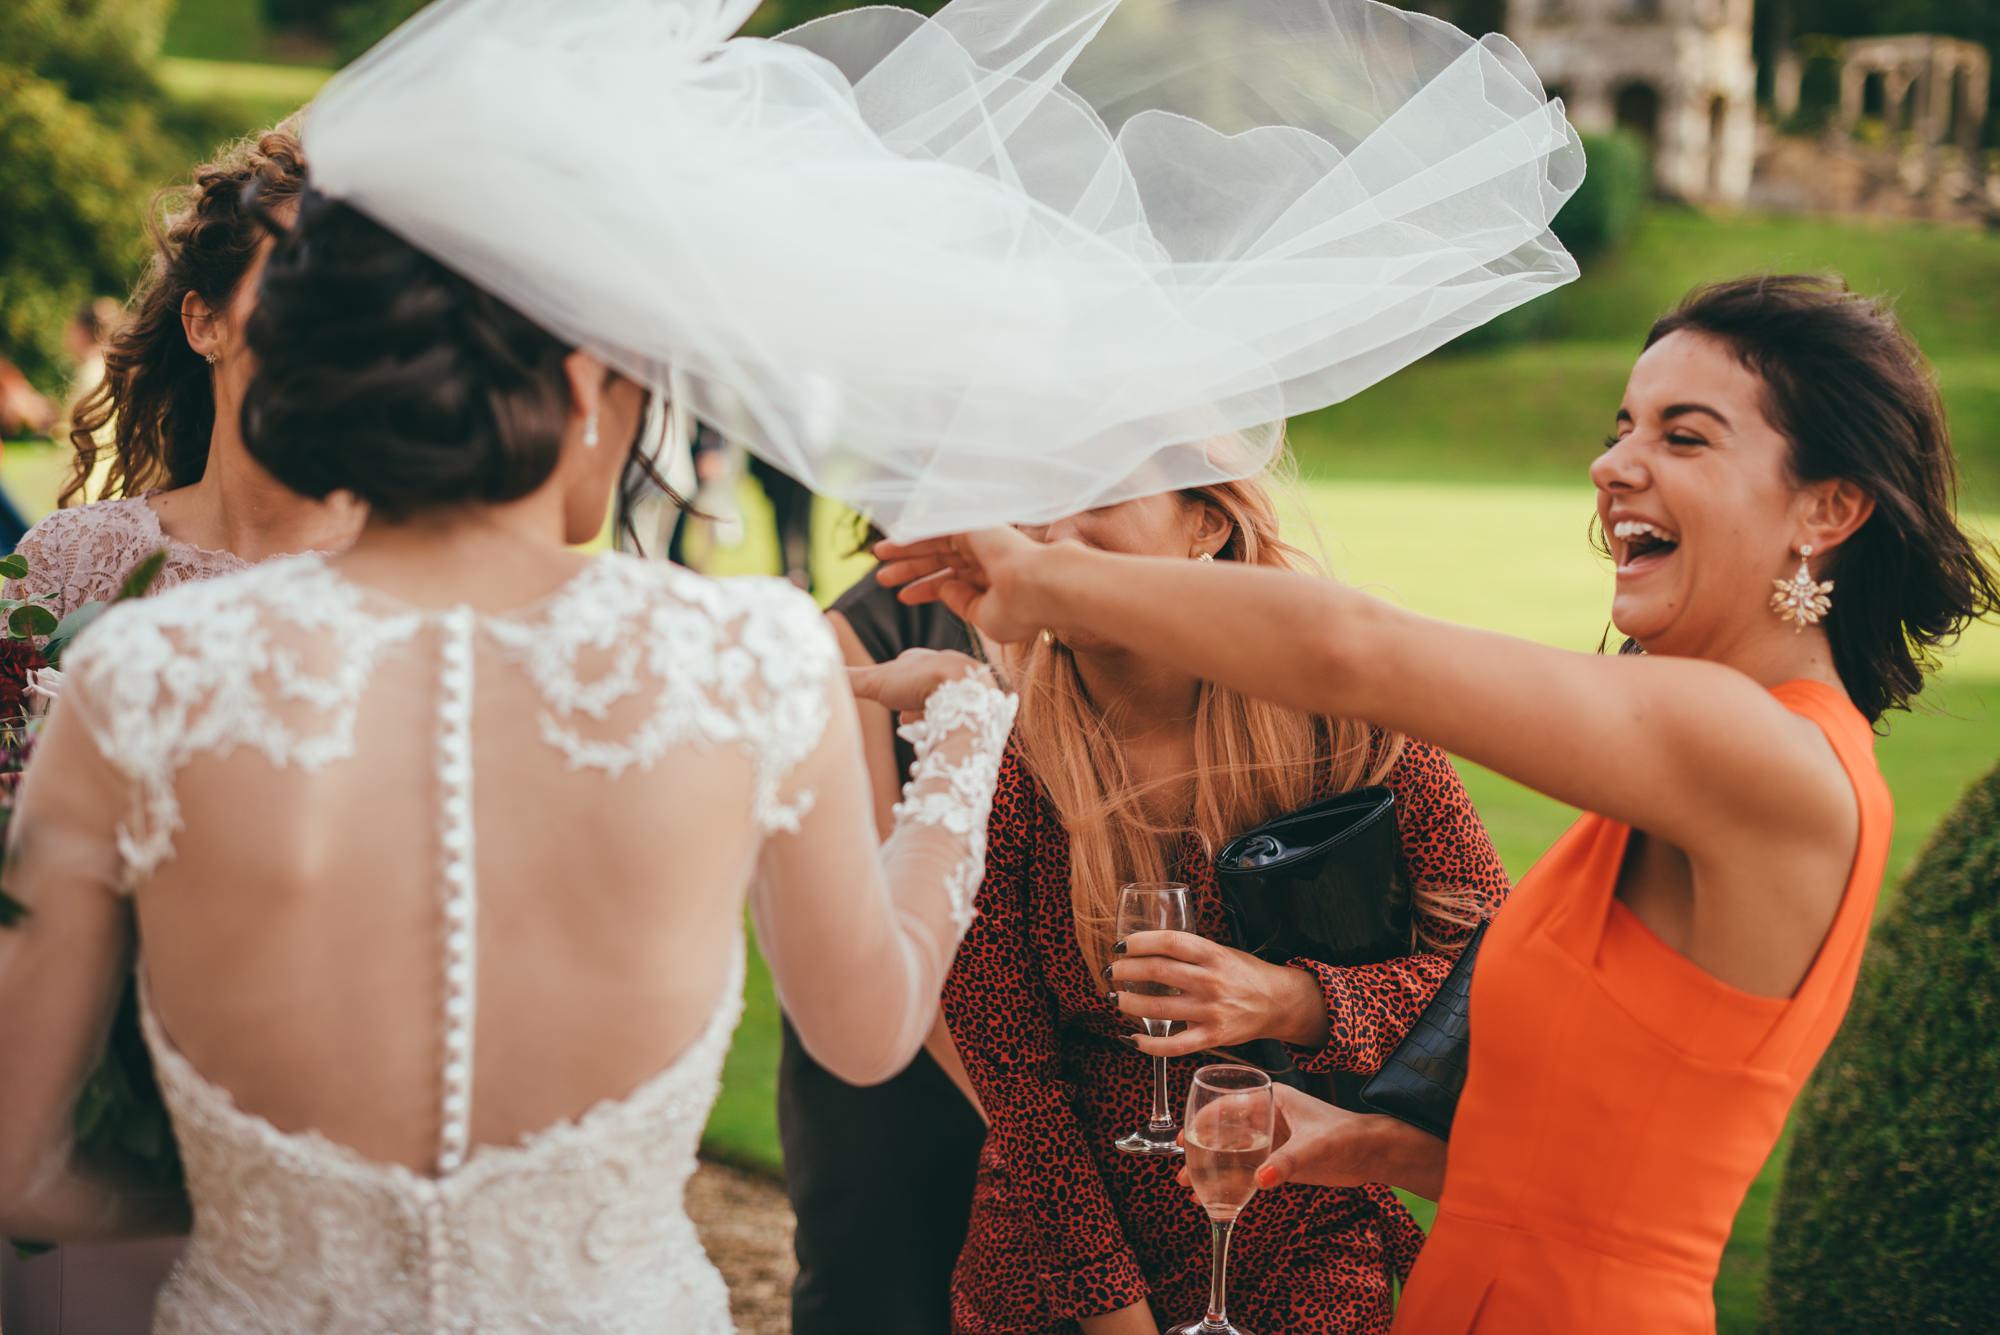 wind blows brides veil